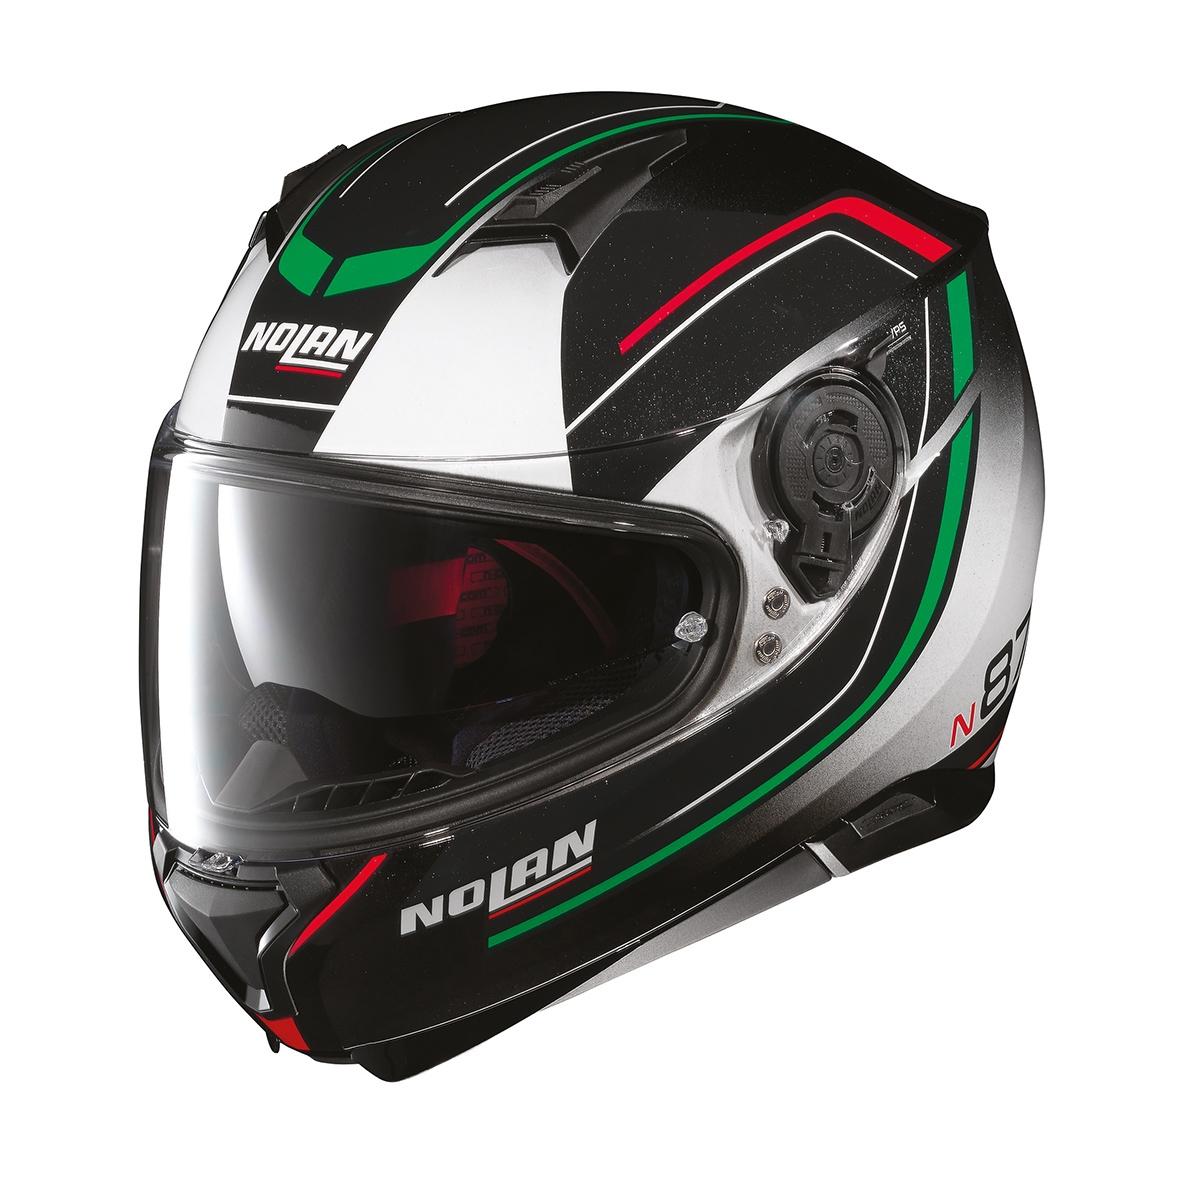 Moto helma Nolan N87 Savoir Faire N-Com Fade White 56